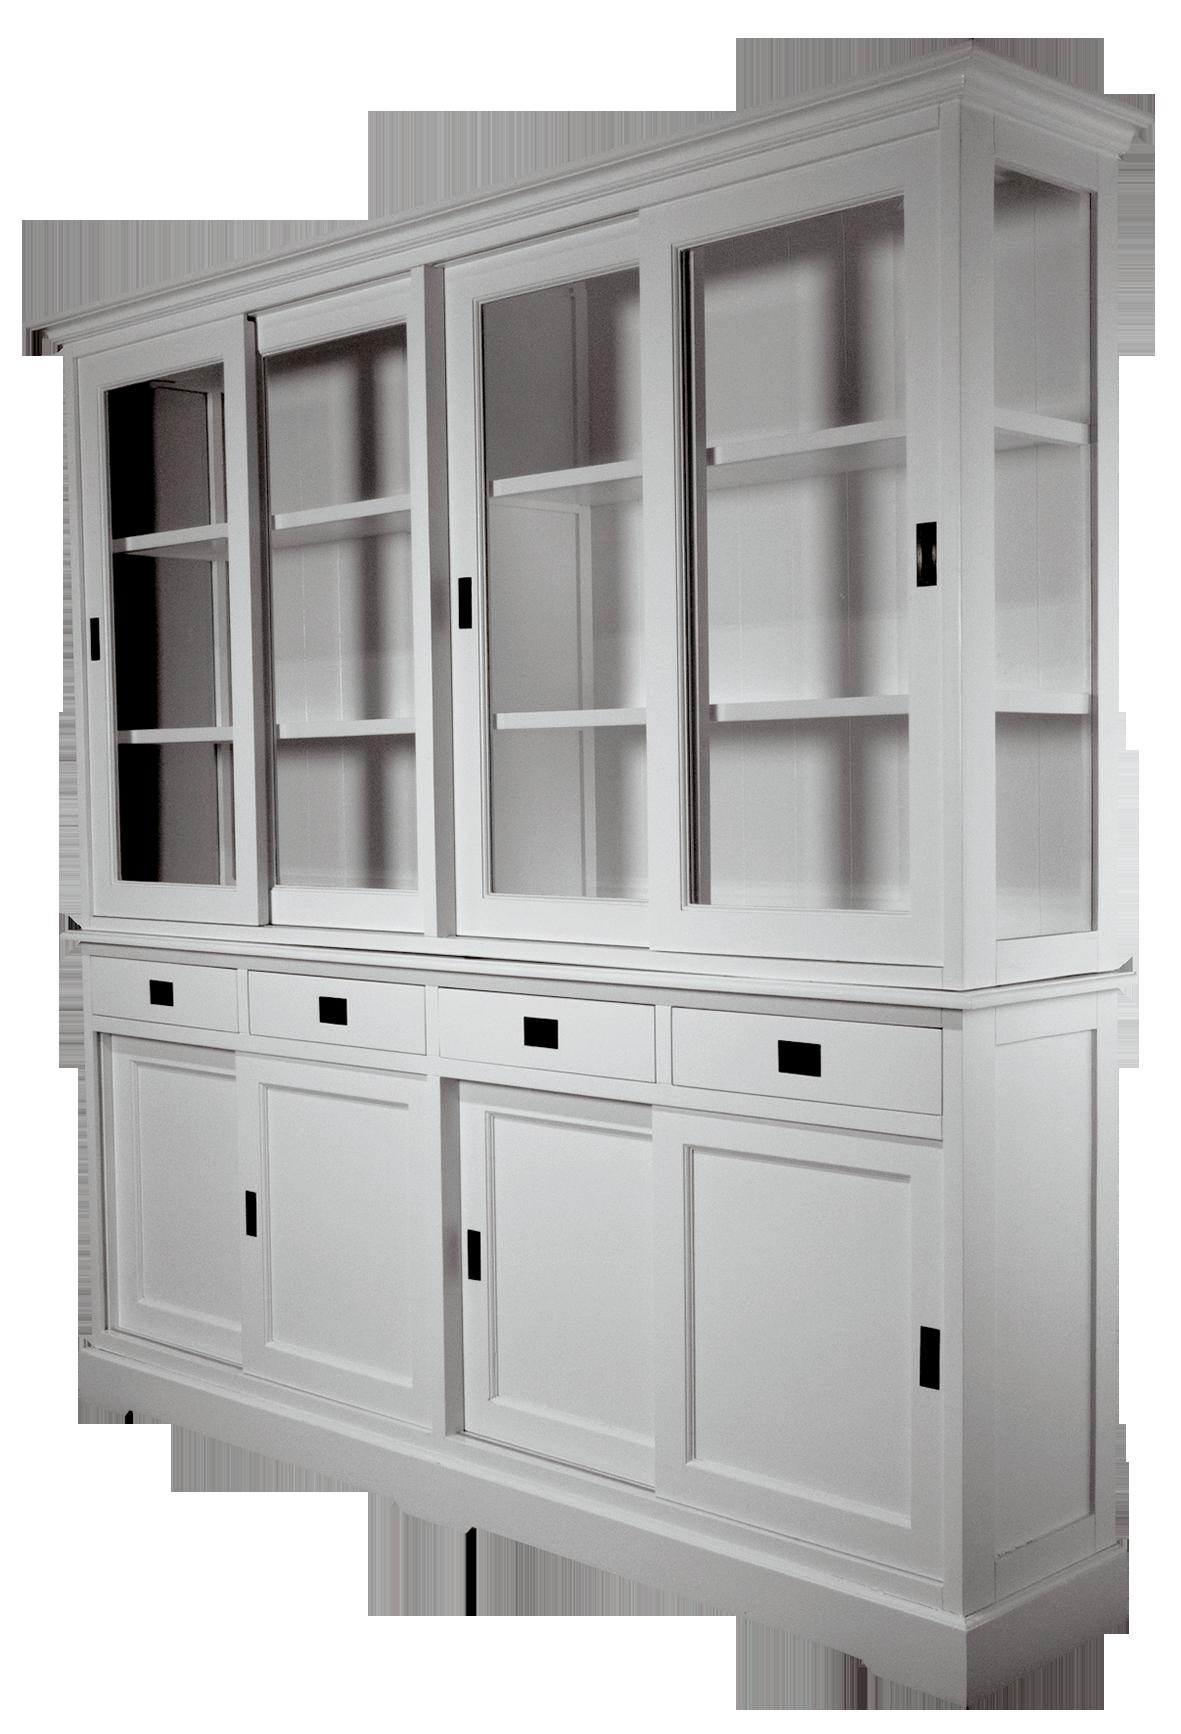 vitrinenschrank mit schiebet ren. Black Bedroom Furniture Sets. Home Design Ideas